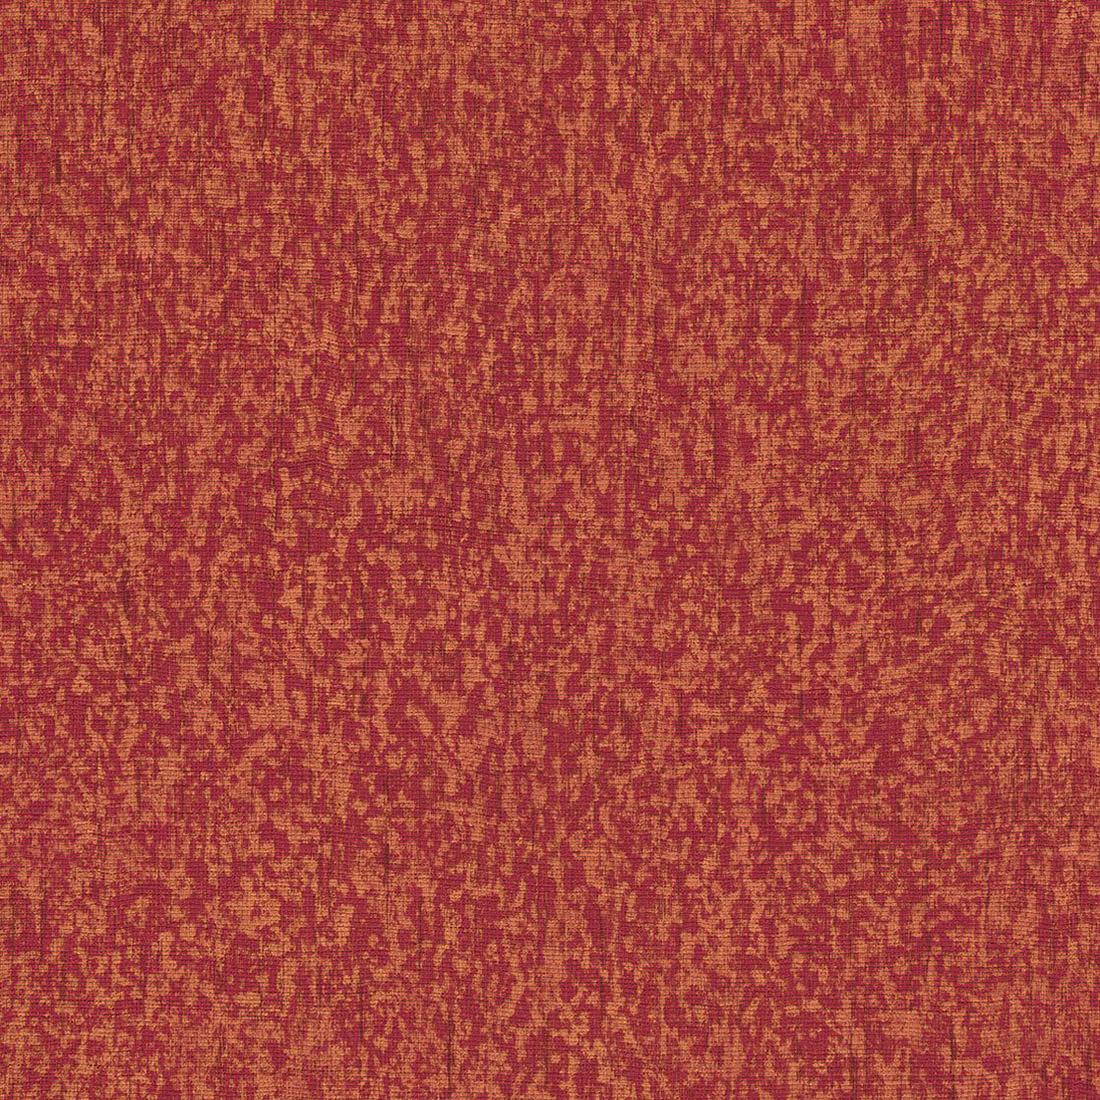 Sundari-375155